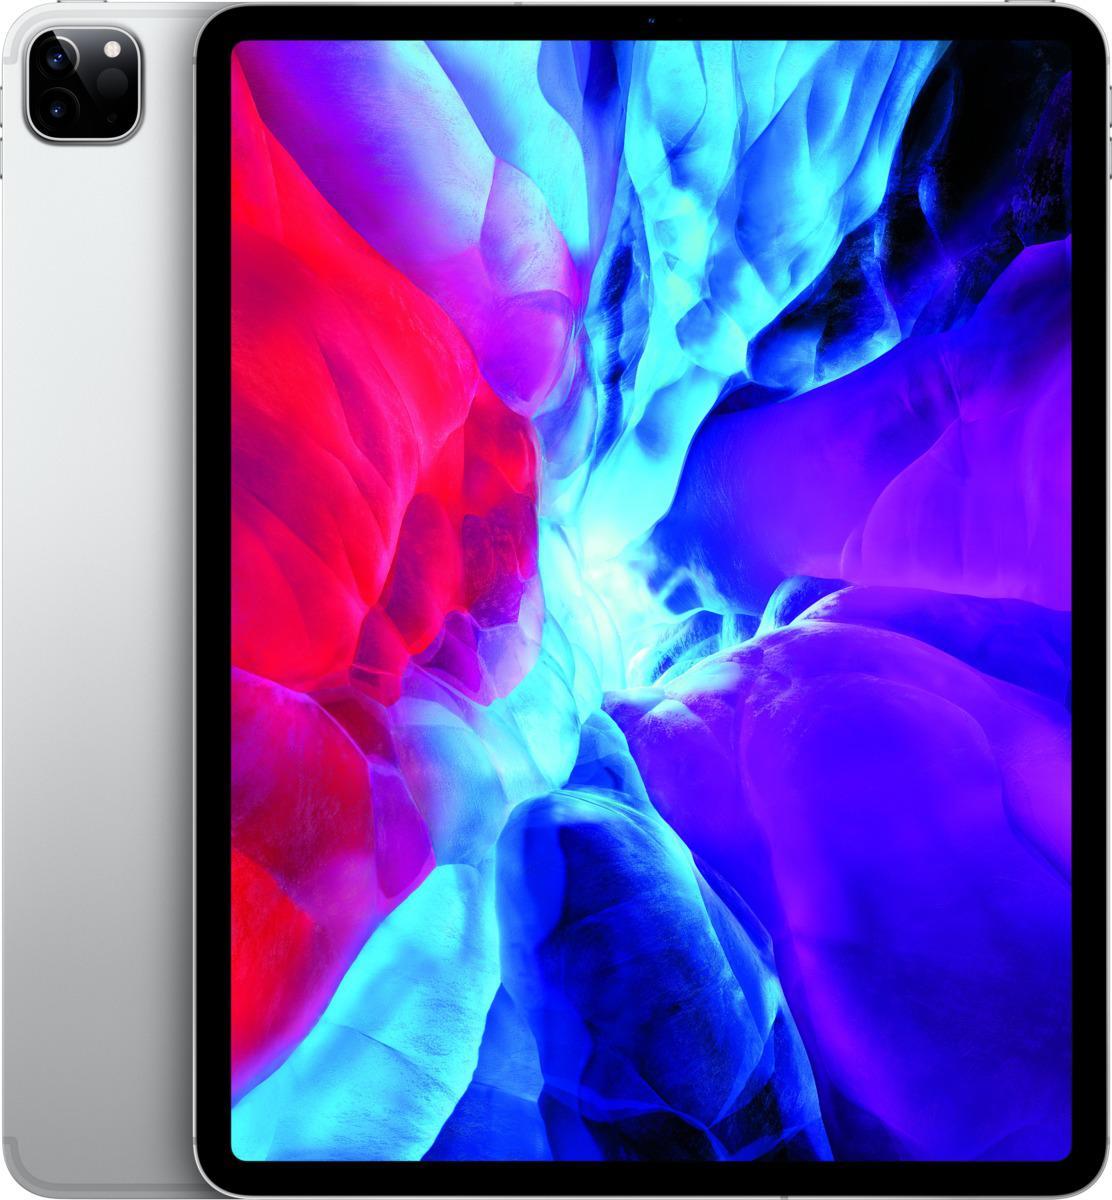 Ipad Pro 12.9in 512GB LTE Silver